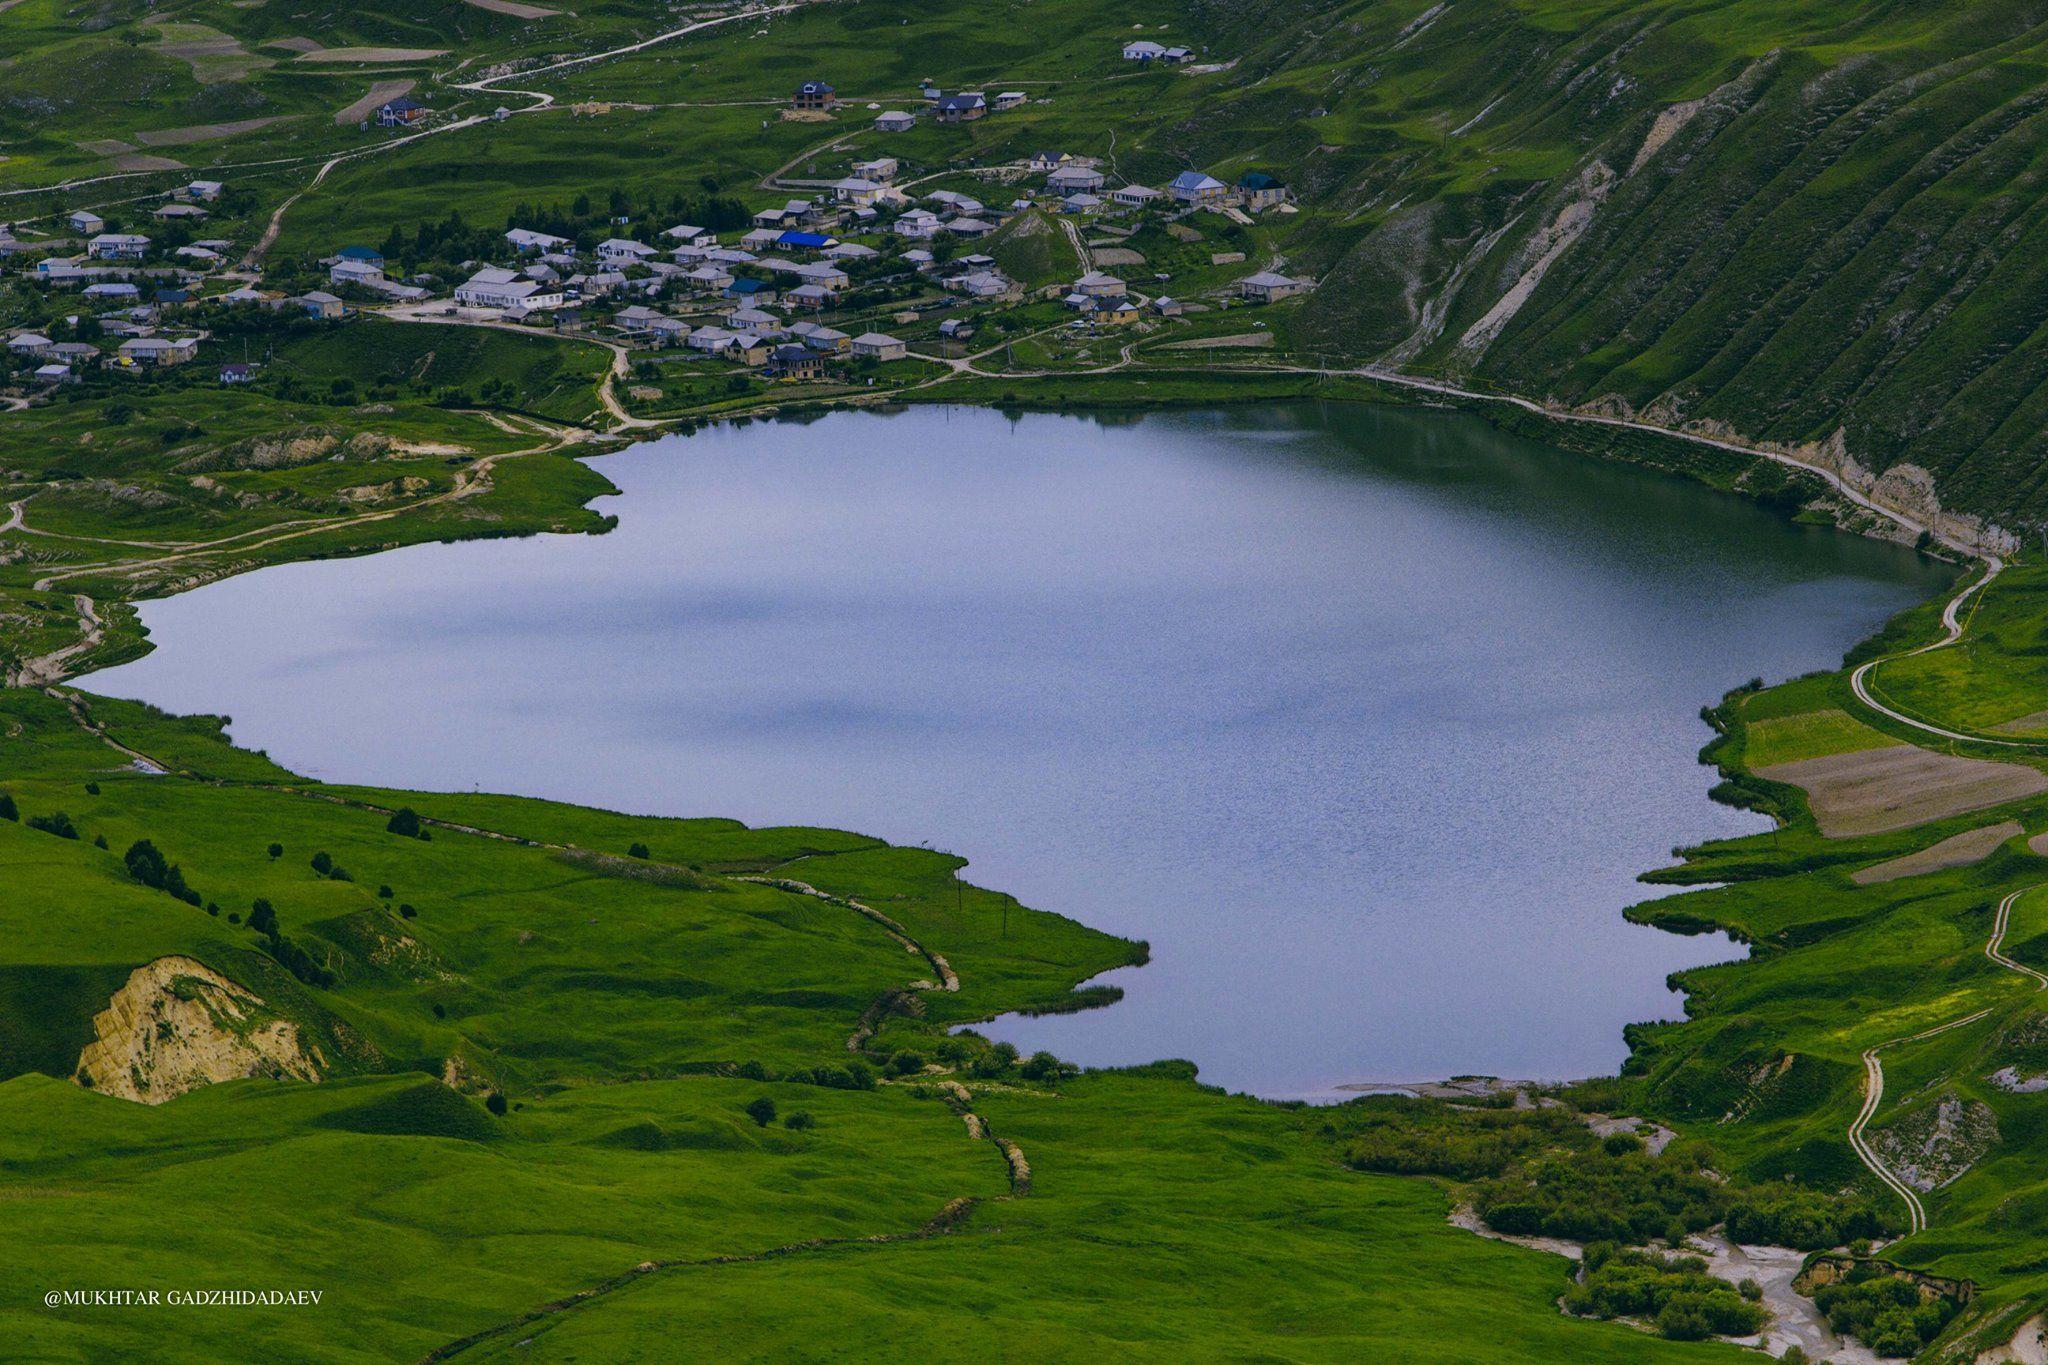 озеро рица высота над уровнем